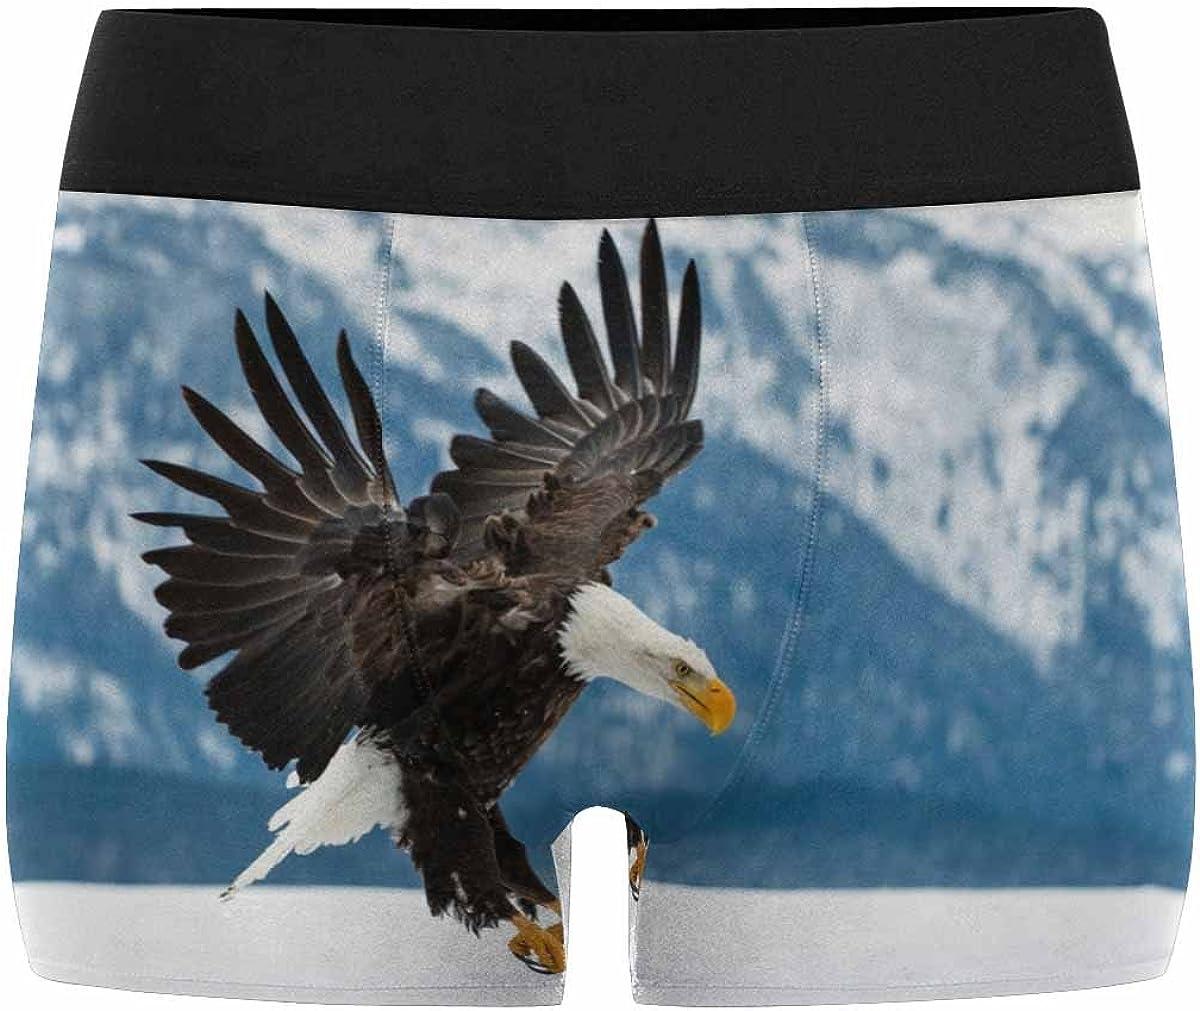 INTERESTPRINT Mens Boxer Briefs Underwear American Eagle XS-3XL